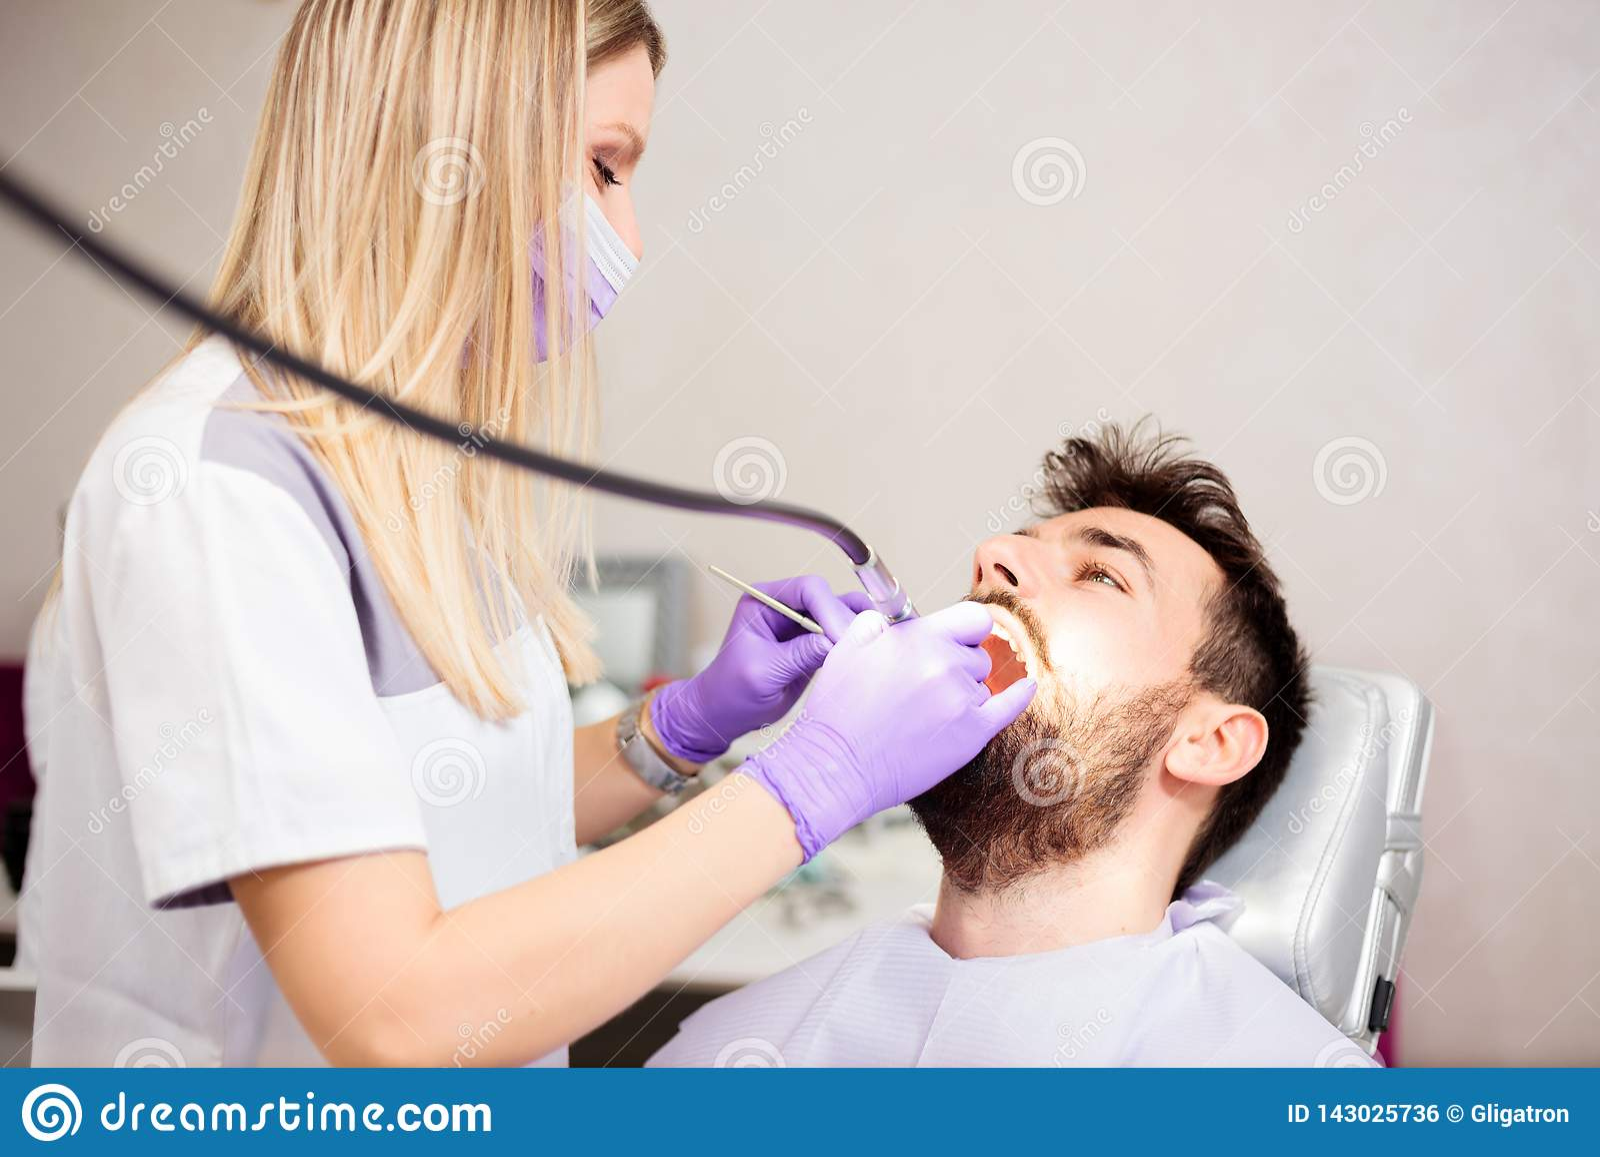 Зубы красивого молодого женского дантиста полируя молодого мужского пациента в зубоврачебной клинике